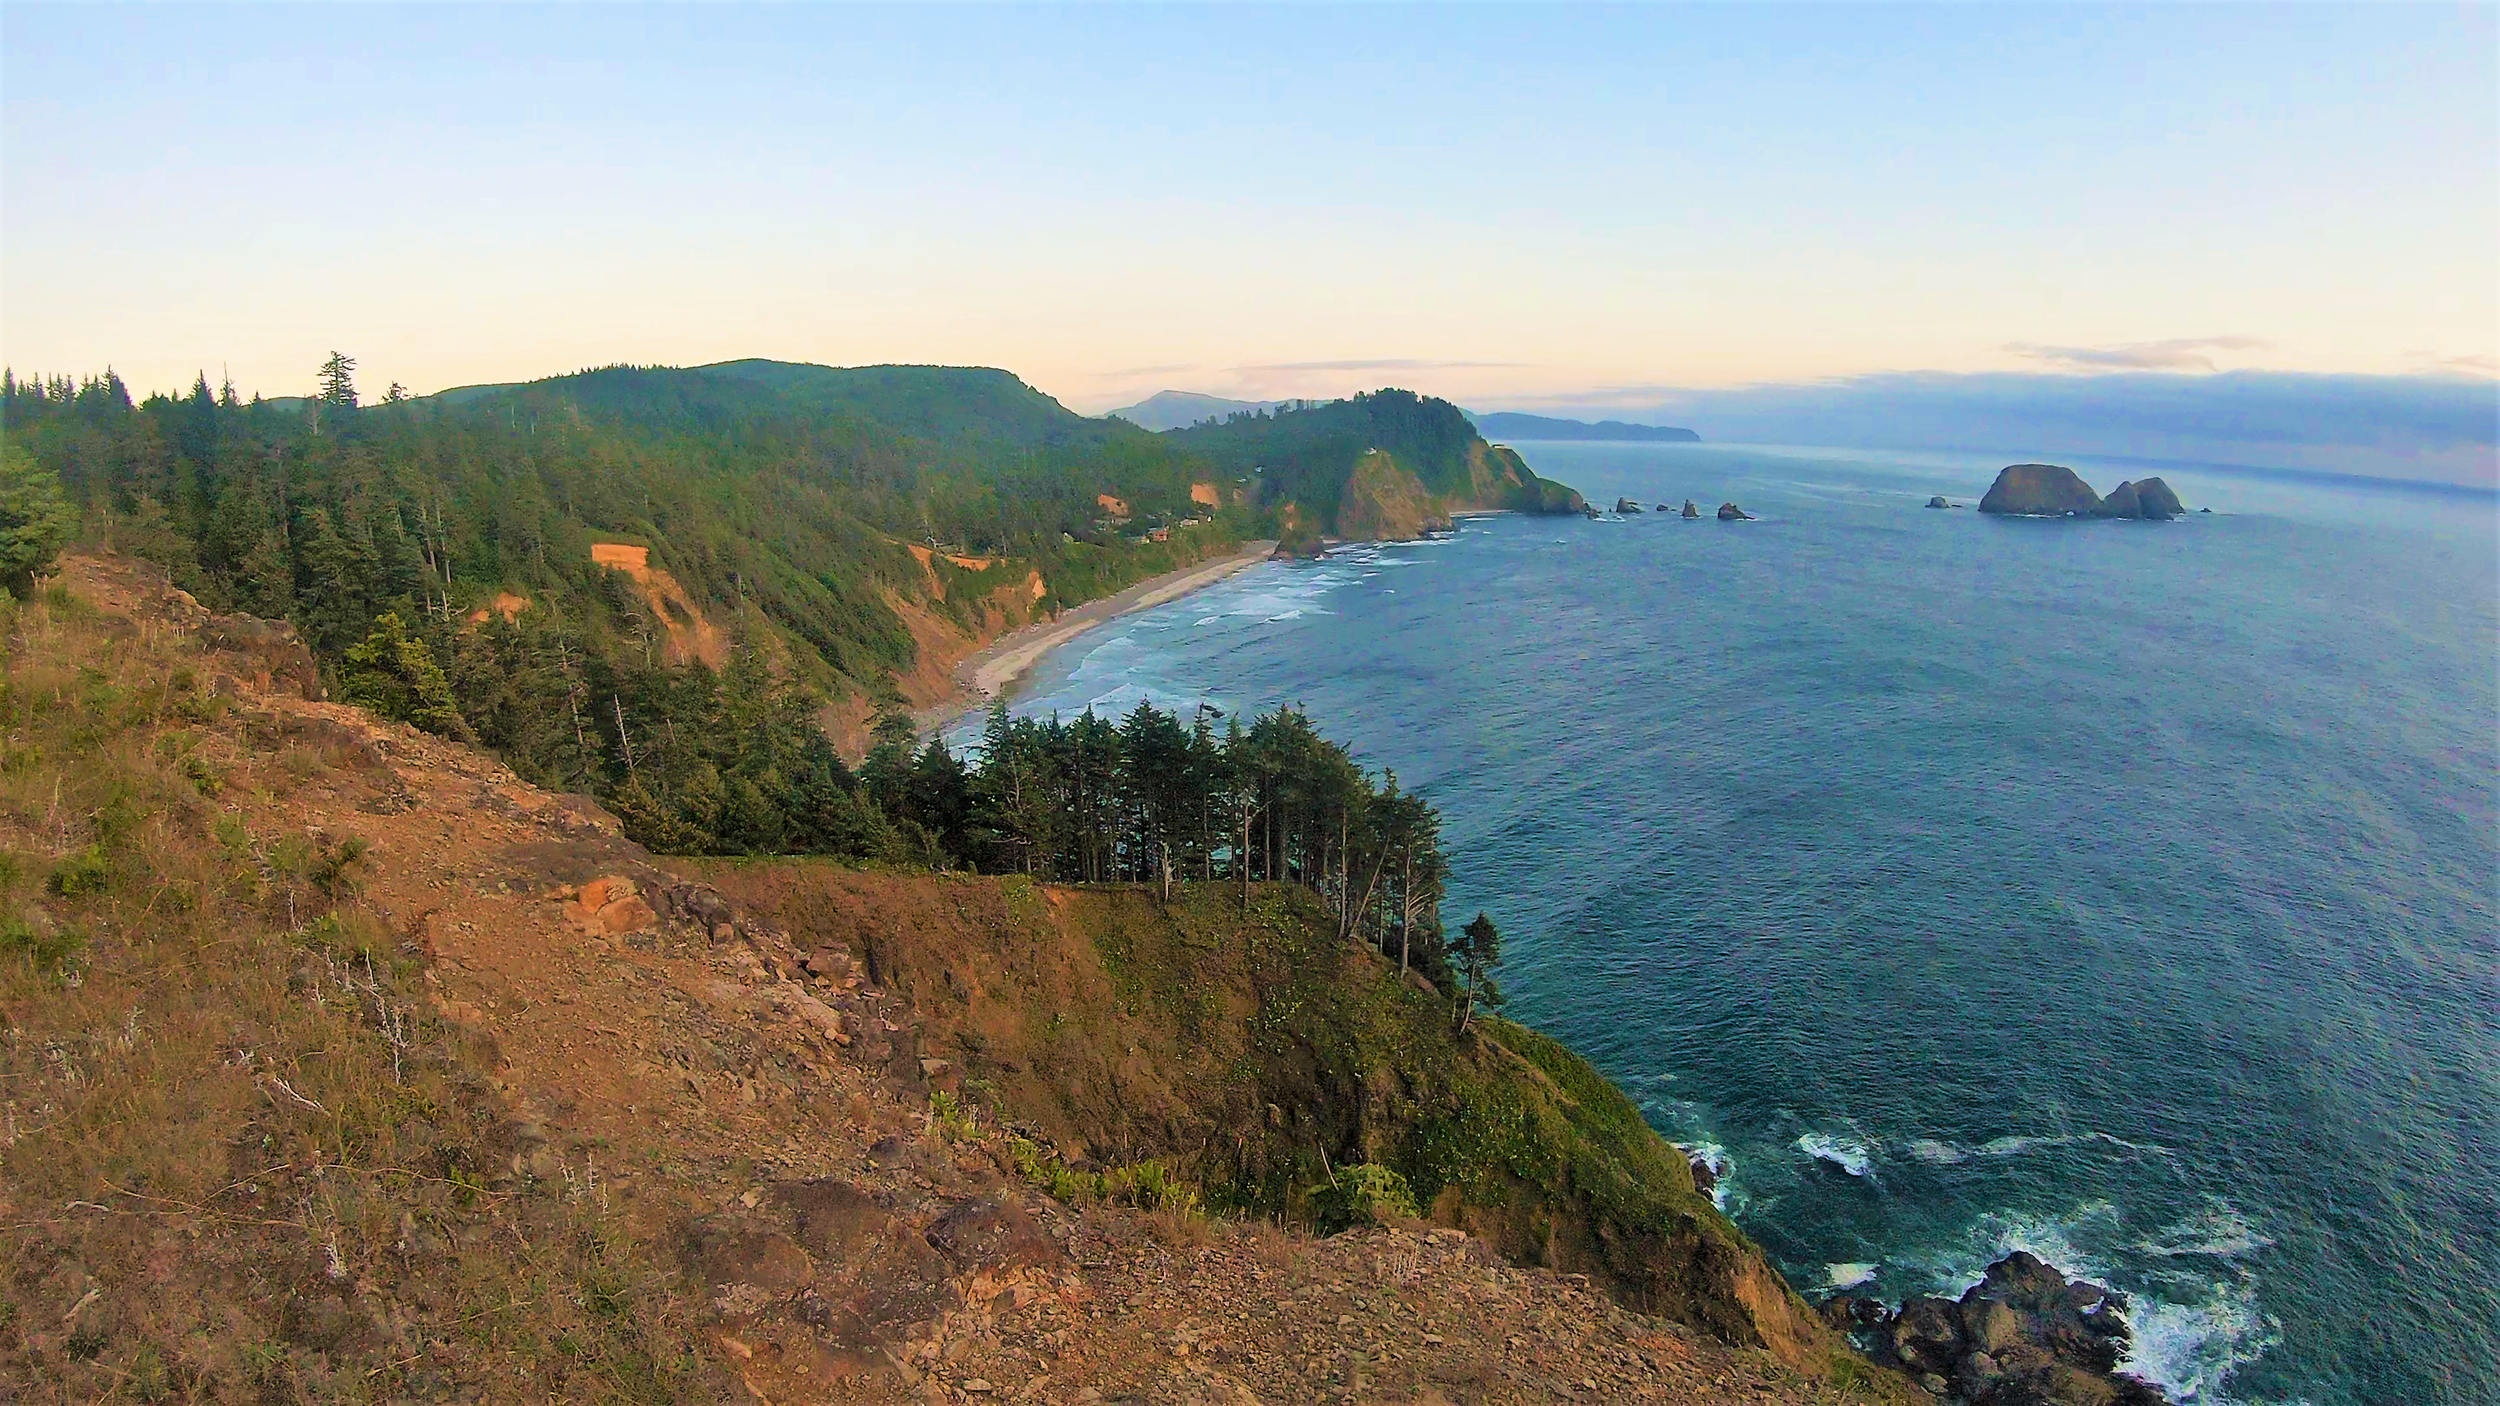 Cape Meares Scenic Overlook on Coastal Oregon